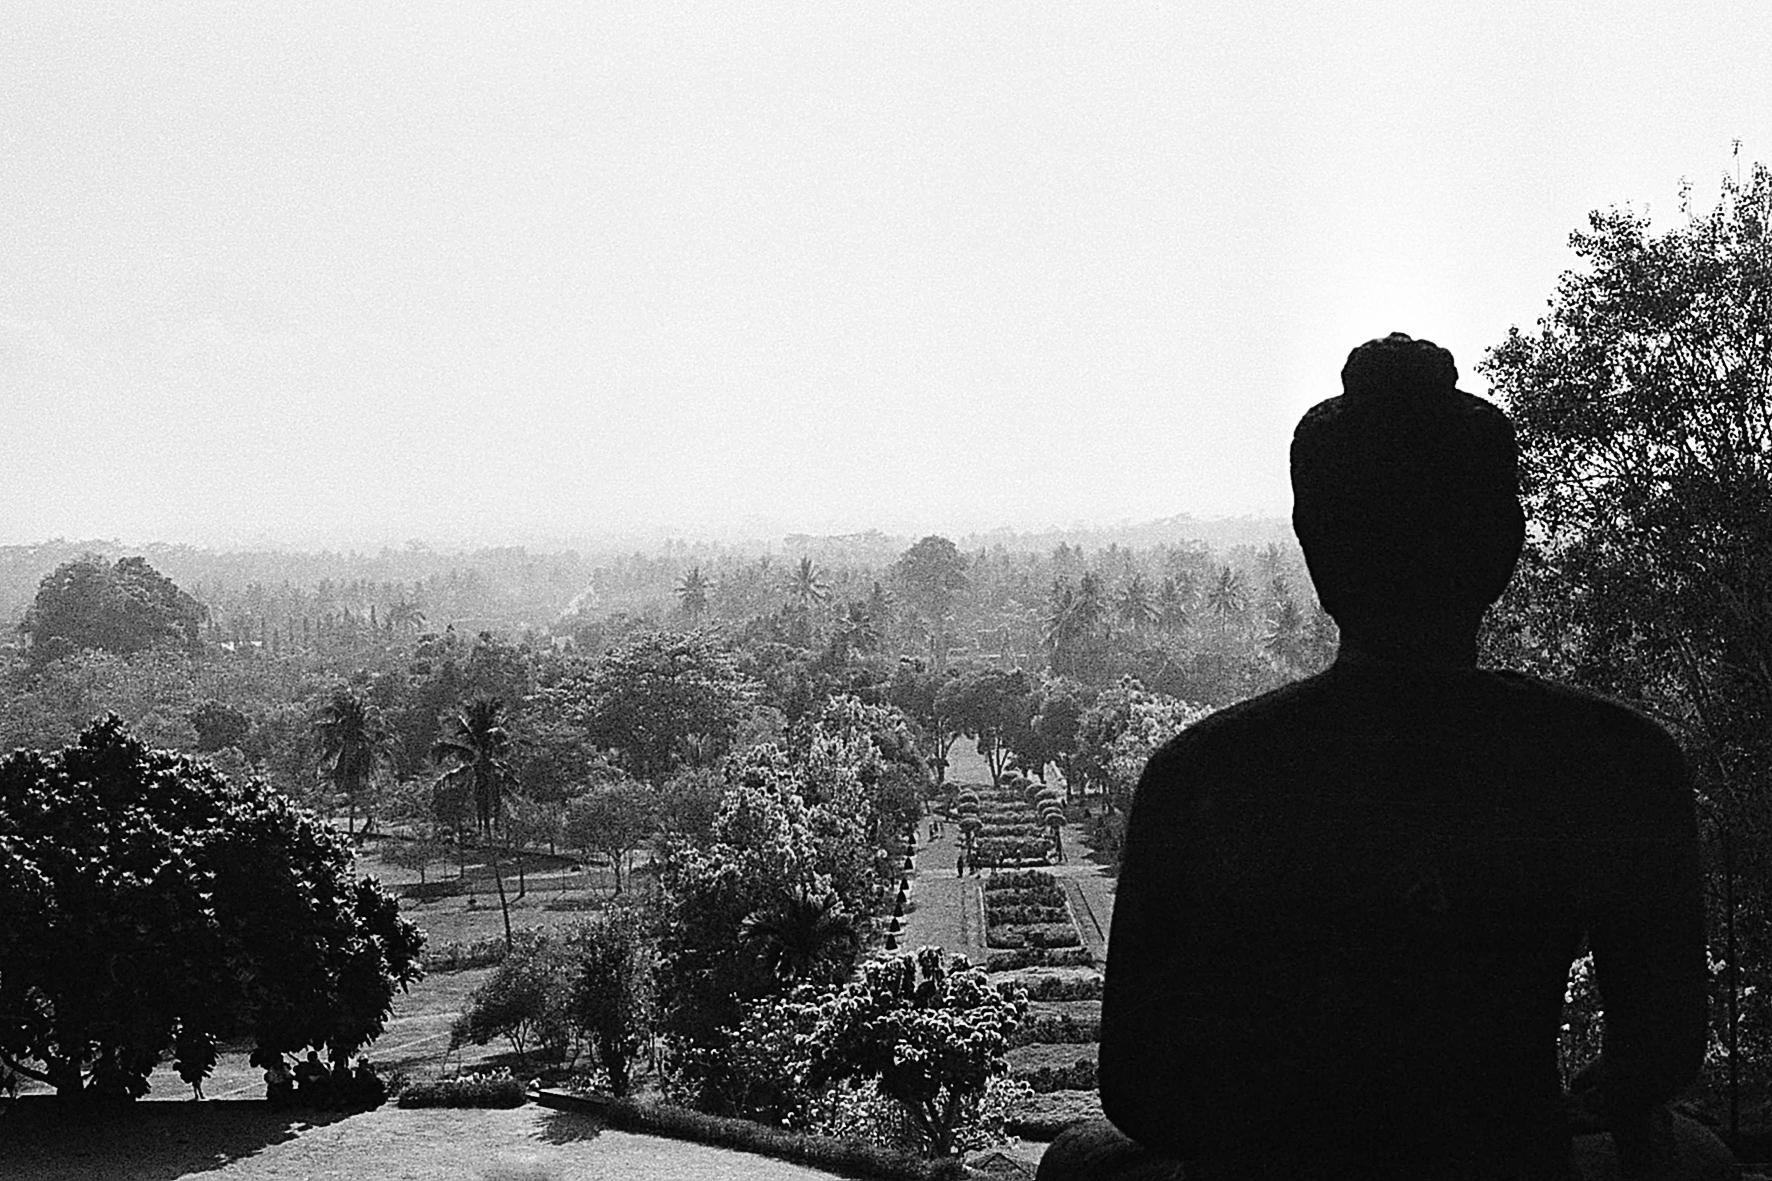 Indonésie, Borobudur. 2004